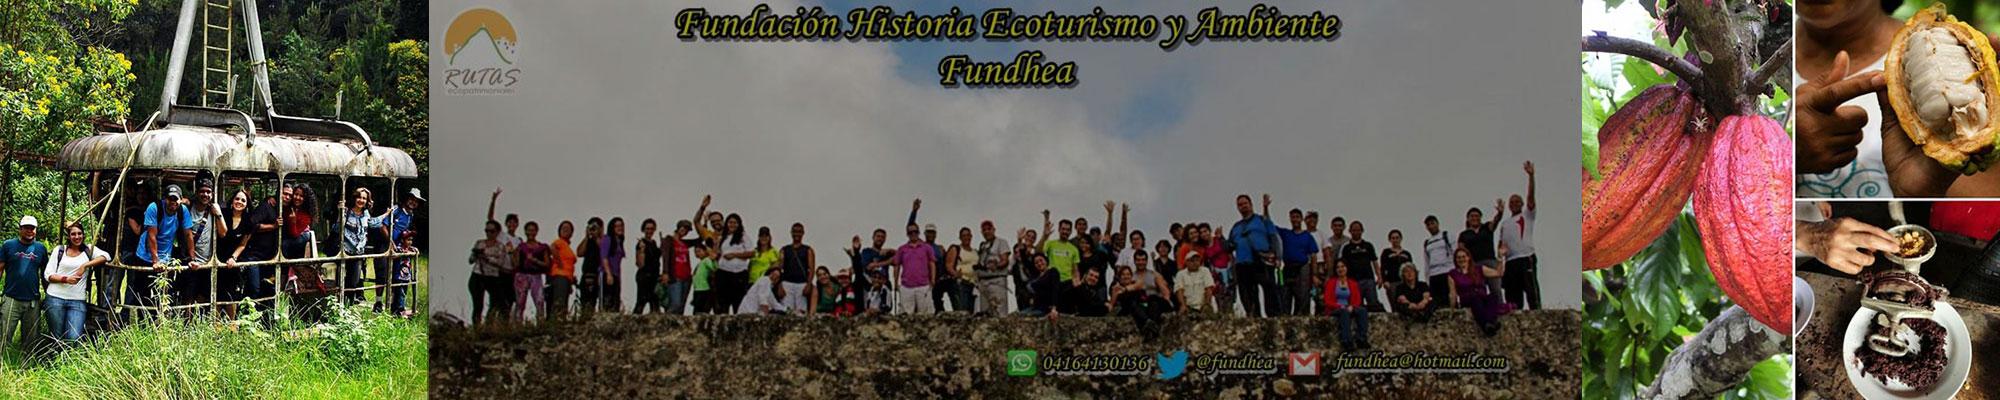 fundacion-historica-ecoturismo-ambiente-fhundea